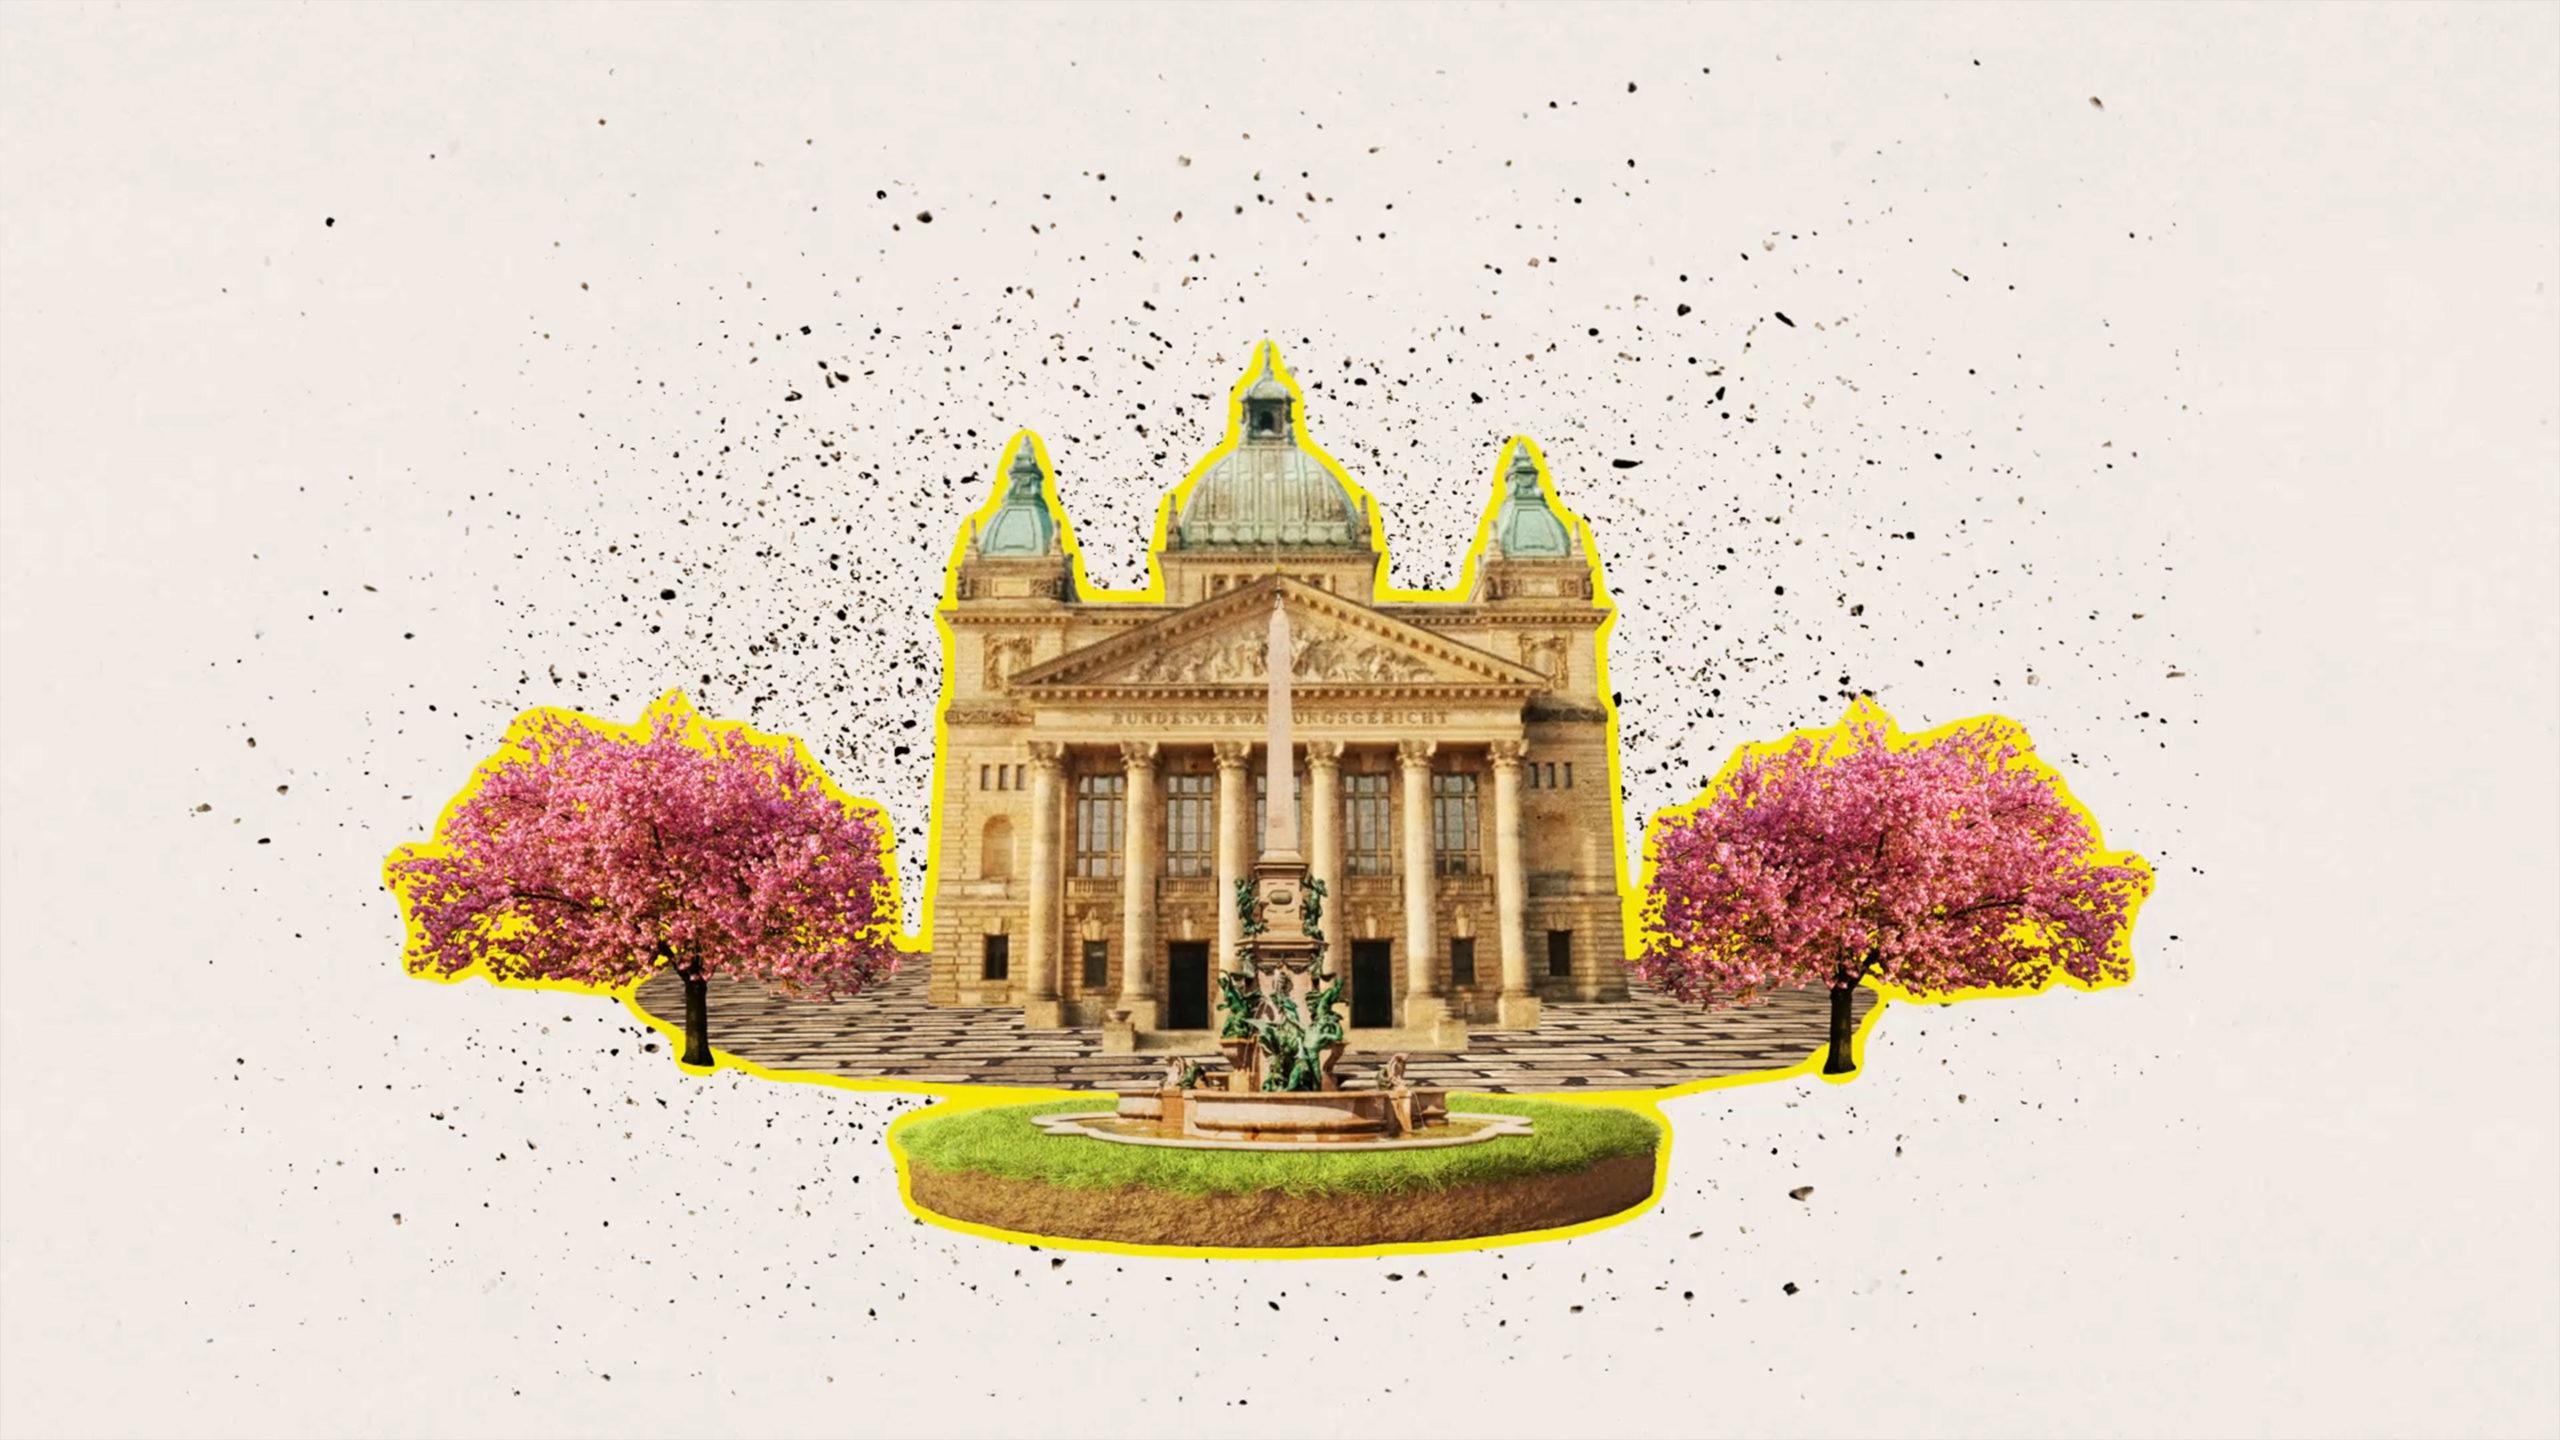 Animation Erklärfilm Film Filmproduktion Videoproduktion Leipzig Universität Jura Fakultät twosyde